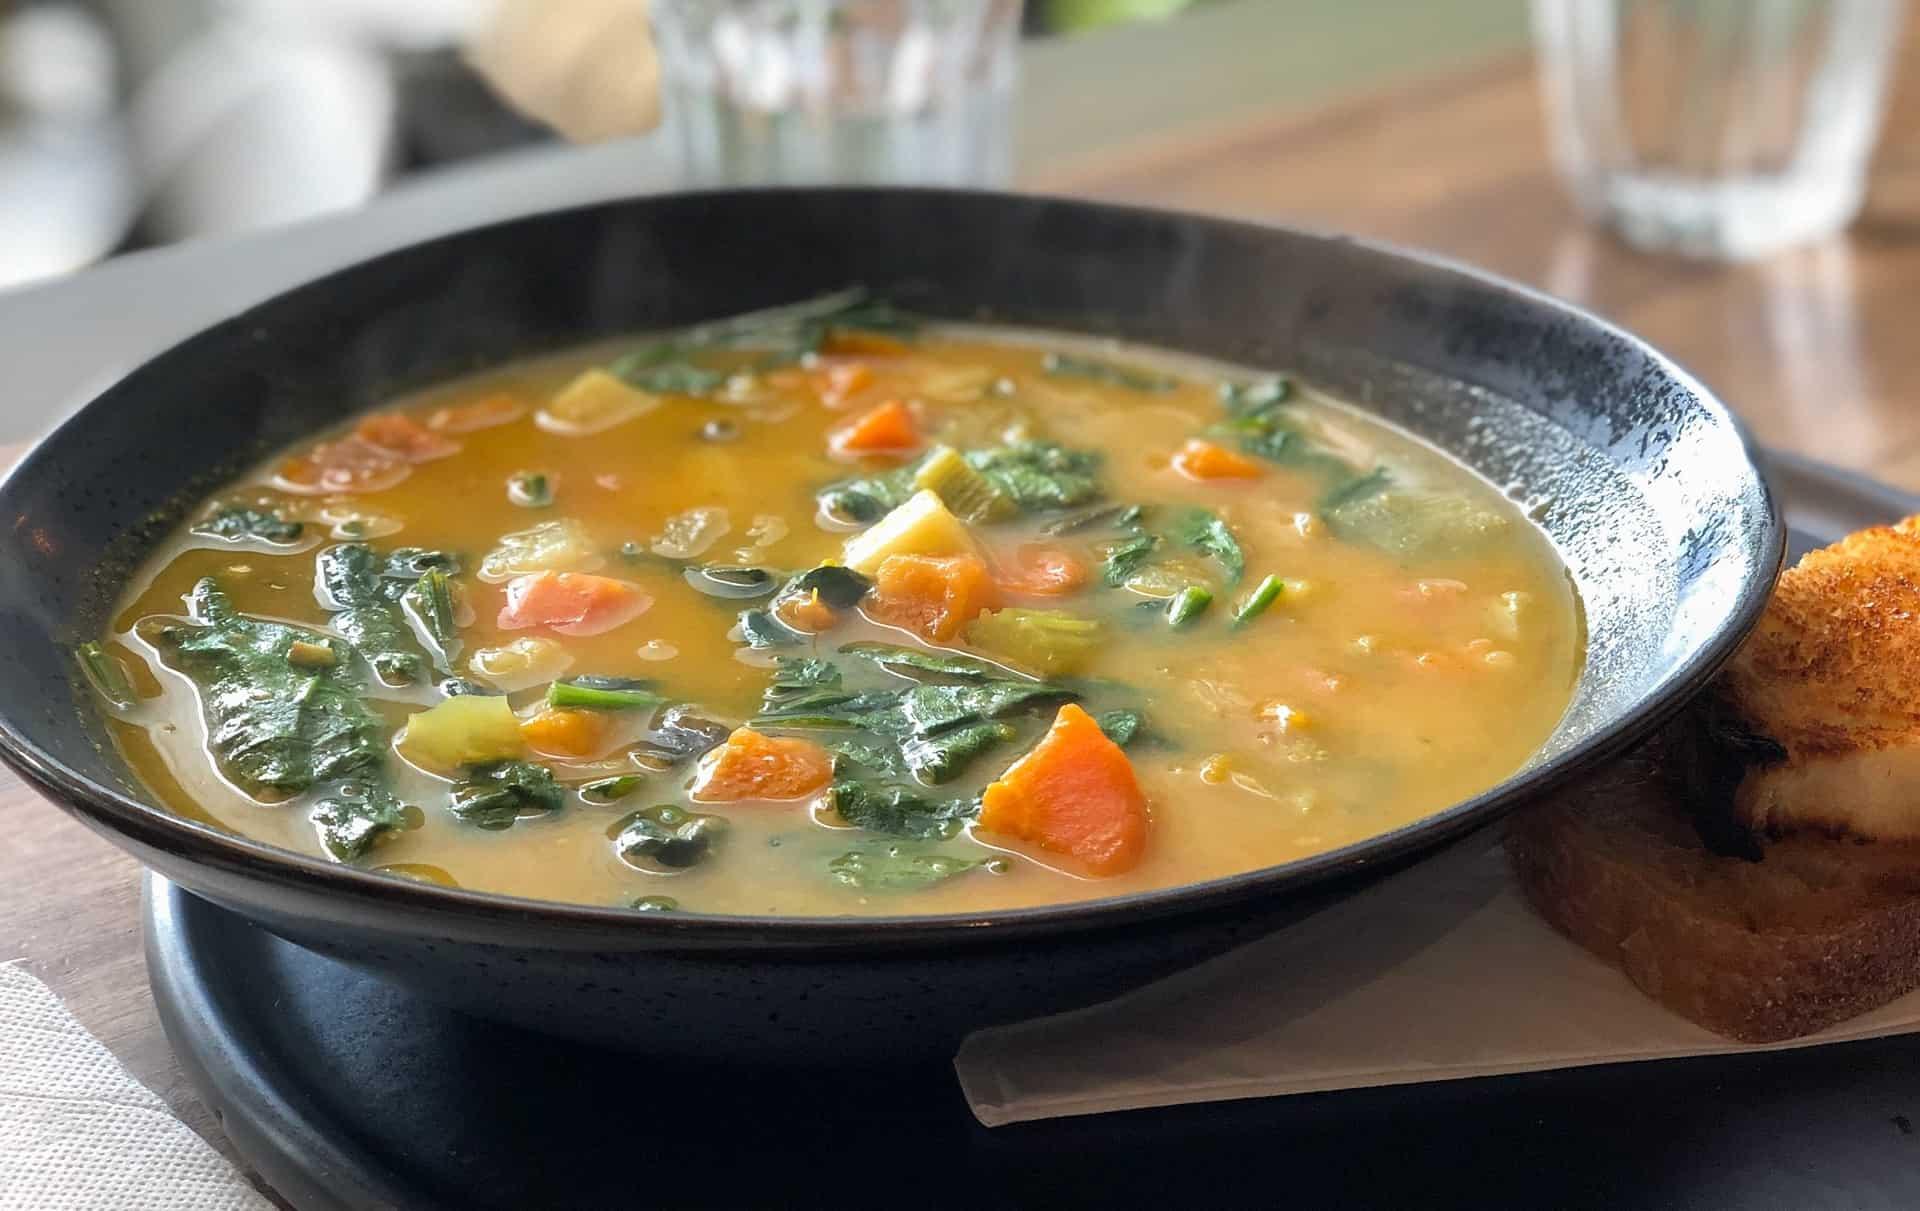 olla con caldo de verduras